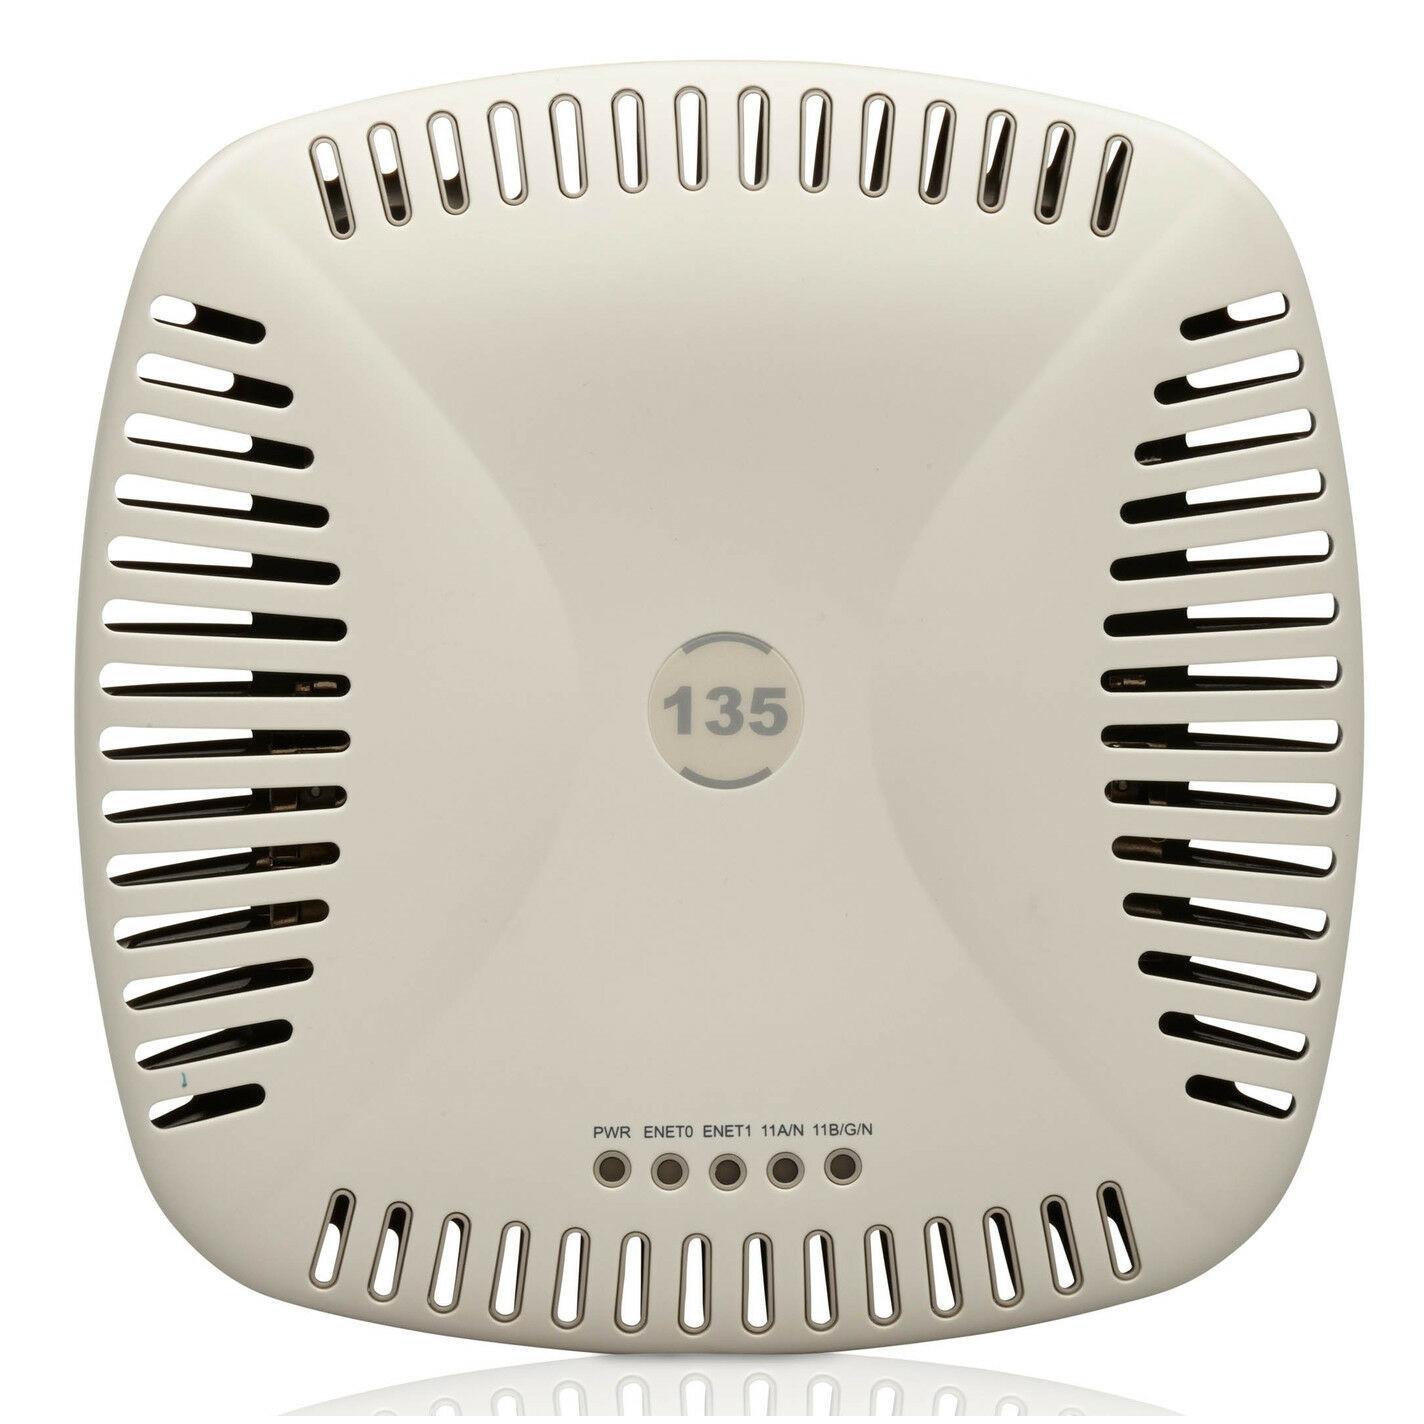 Bộ phát sóng wifi chuyên dụng Aruba AP/IAP-135 (LikeNew) - Hàng chính hãng - Phát wifi trên 2 băng tần là 2,4Ghz và 5Ghz - Sử dụng công nghệ MACSec để chống trộm wifi và chặn repeater